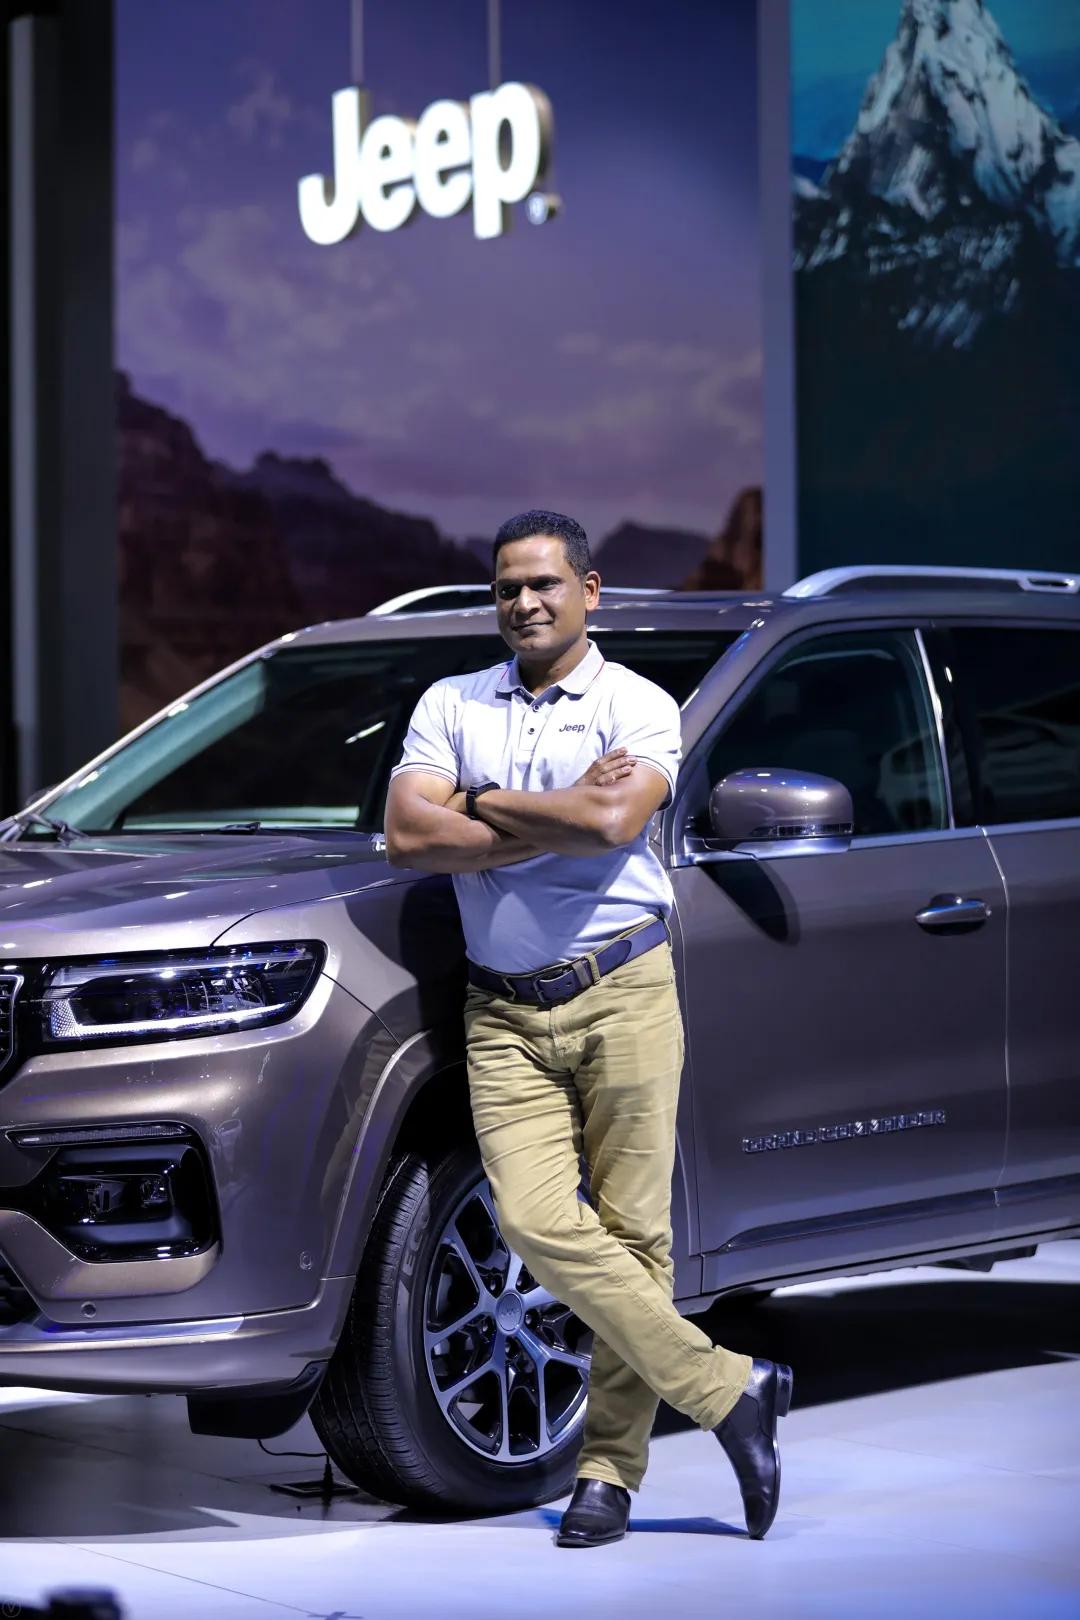 """广汽菲克总裁穆安泽:推行""""One Jeep""""计划,聚焦盈利增长"""